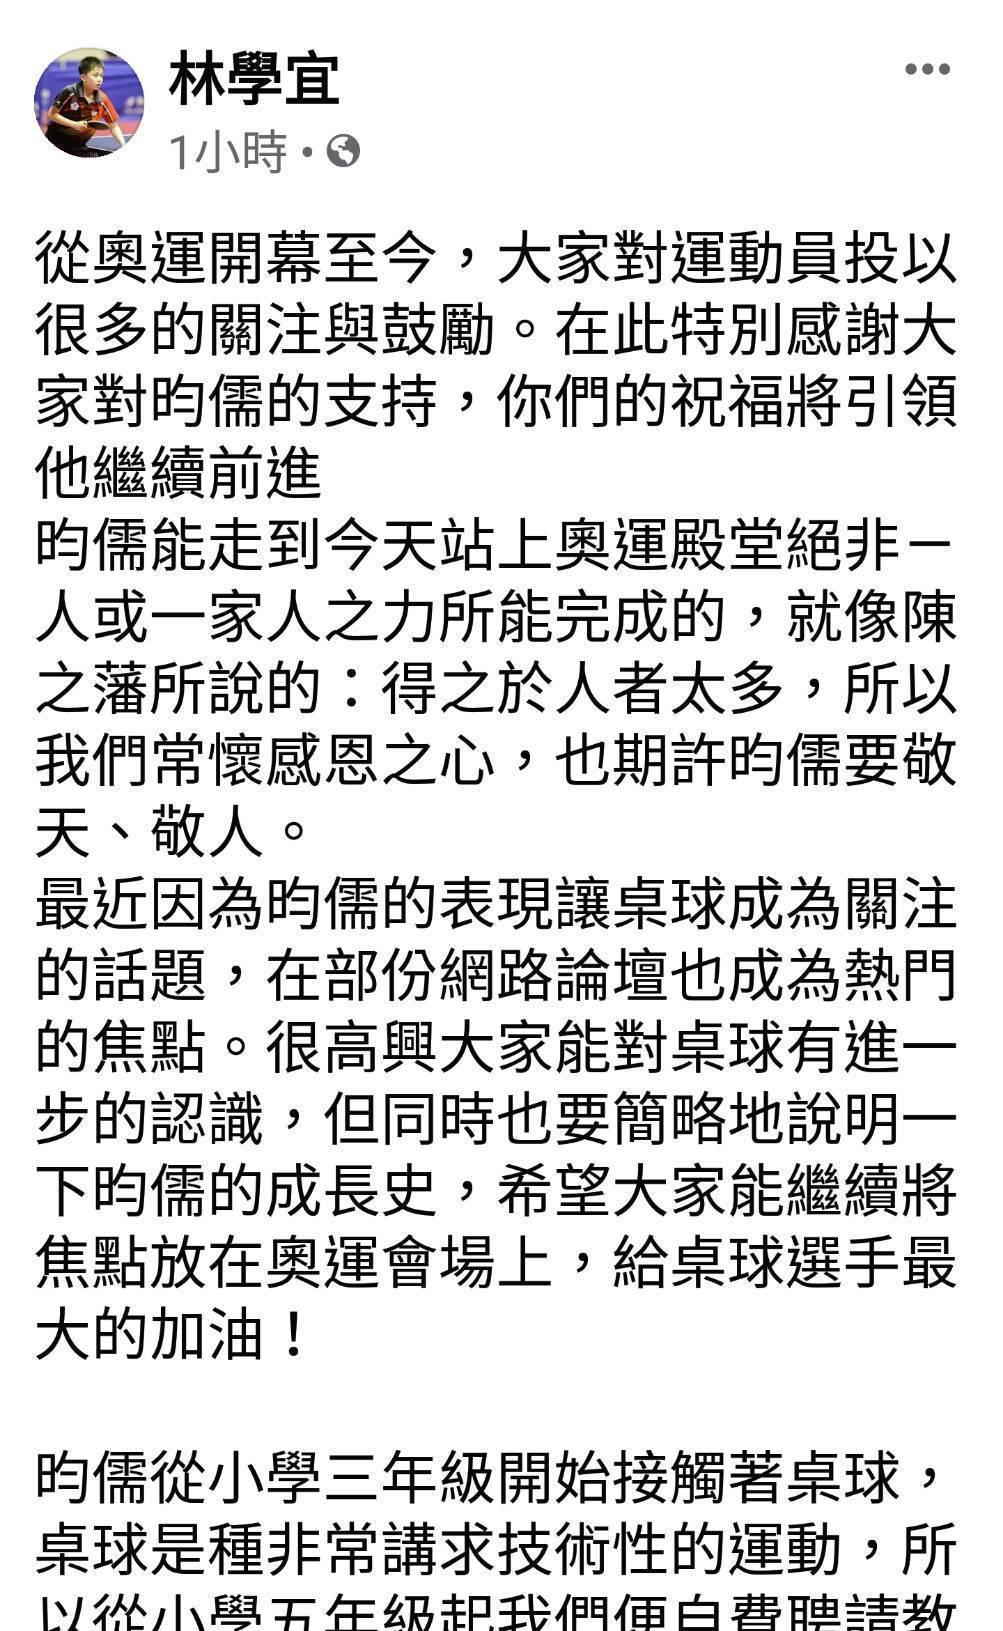 外界報導桌球小將林昀儒每月花13萬元自費請教練,林昀儒的父親林學宜深夜在臉書貼文...